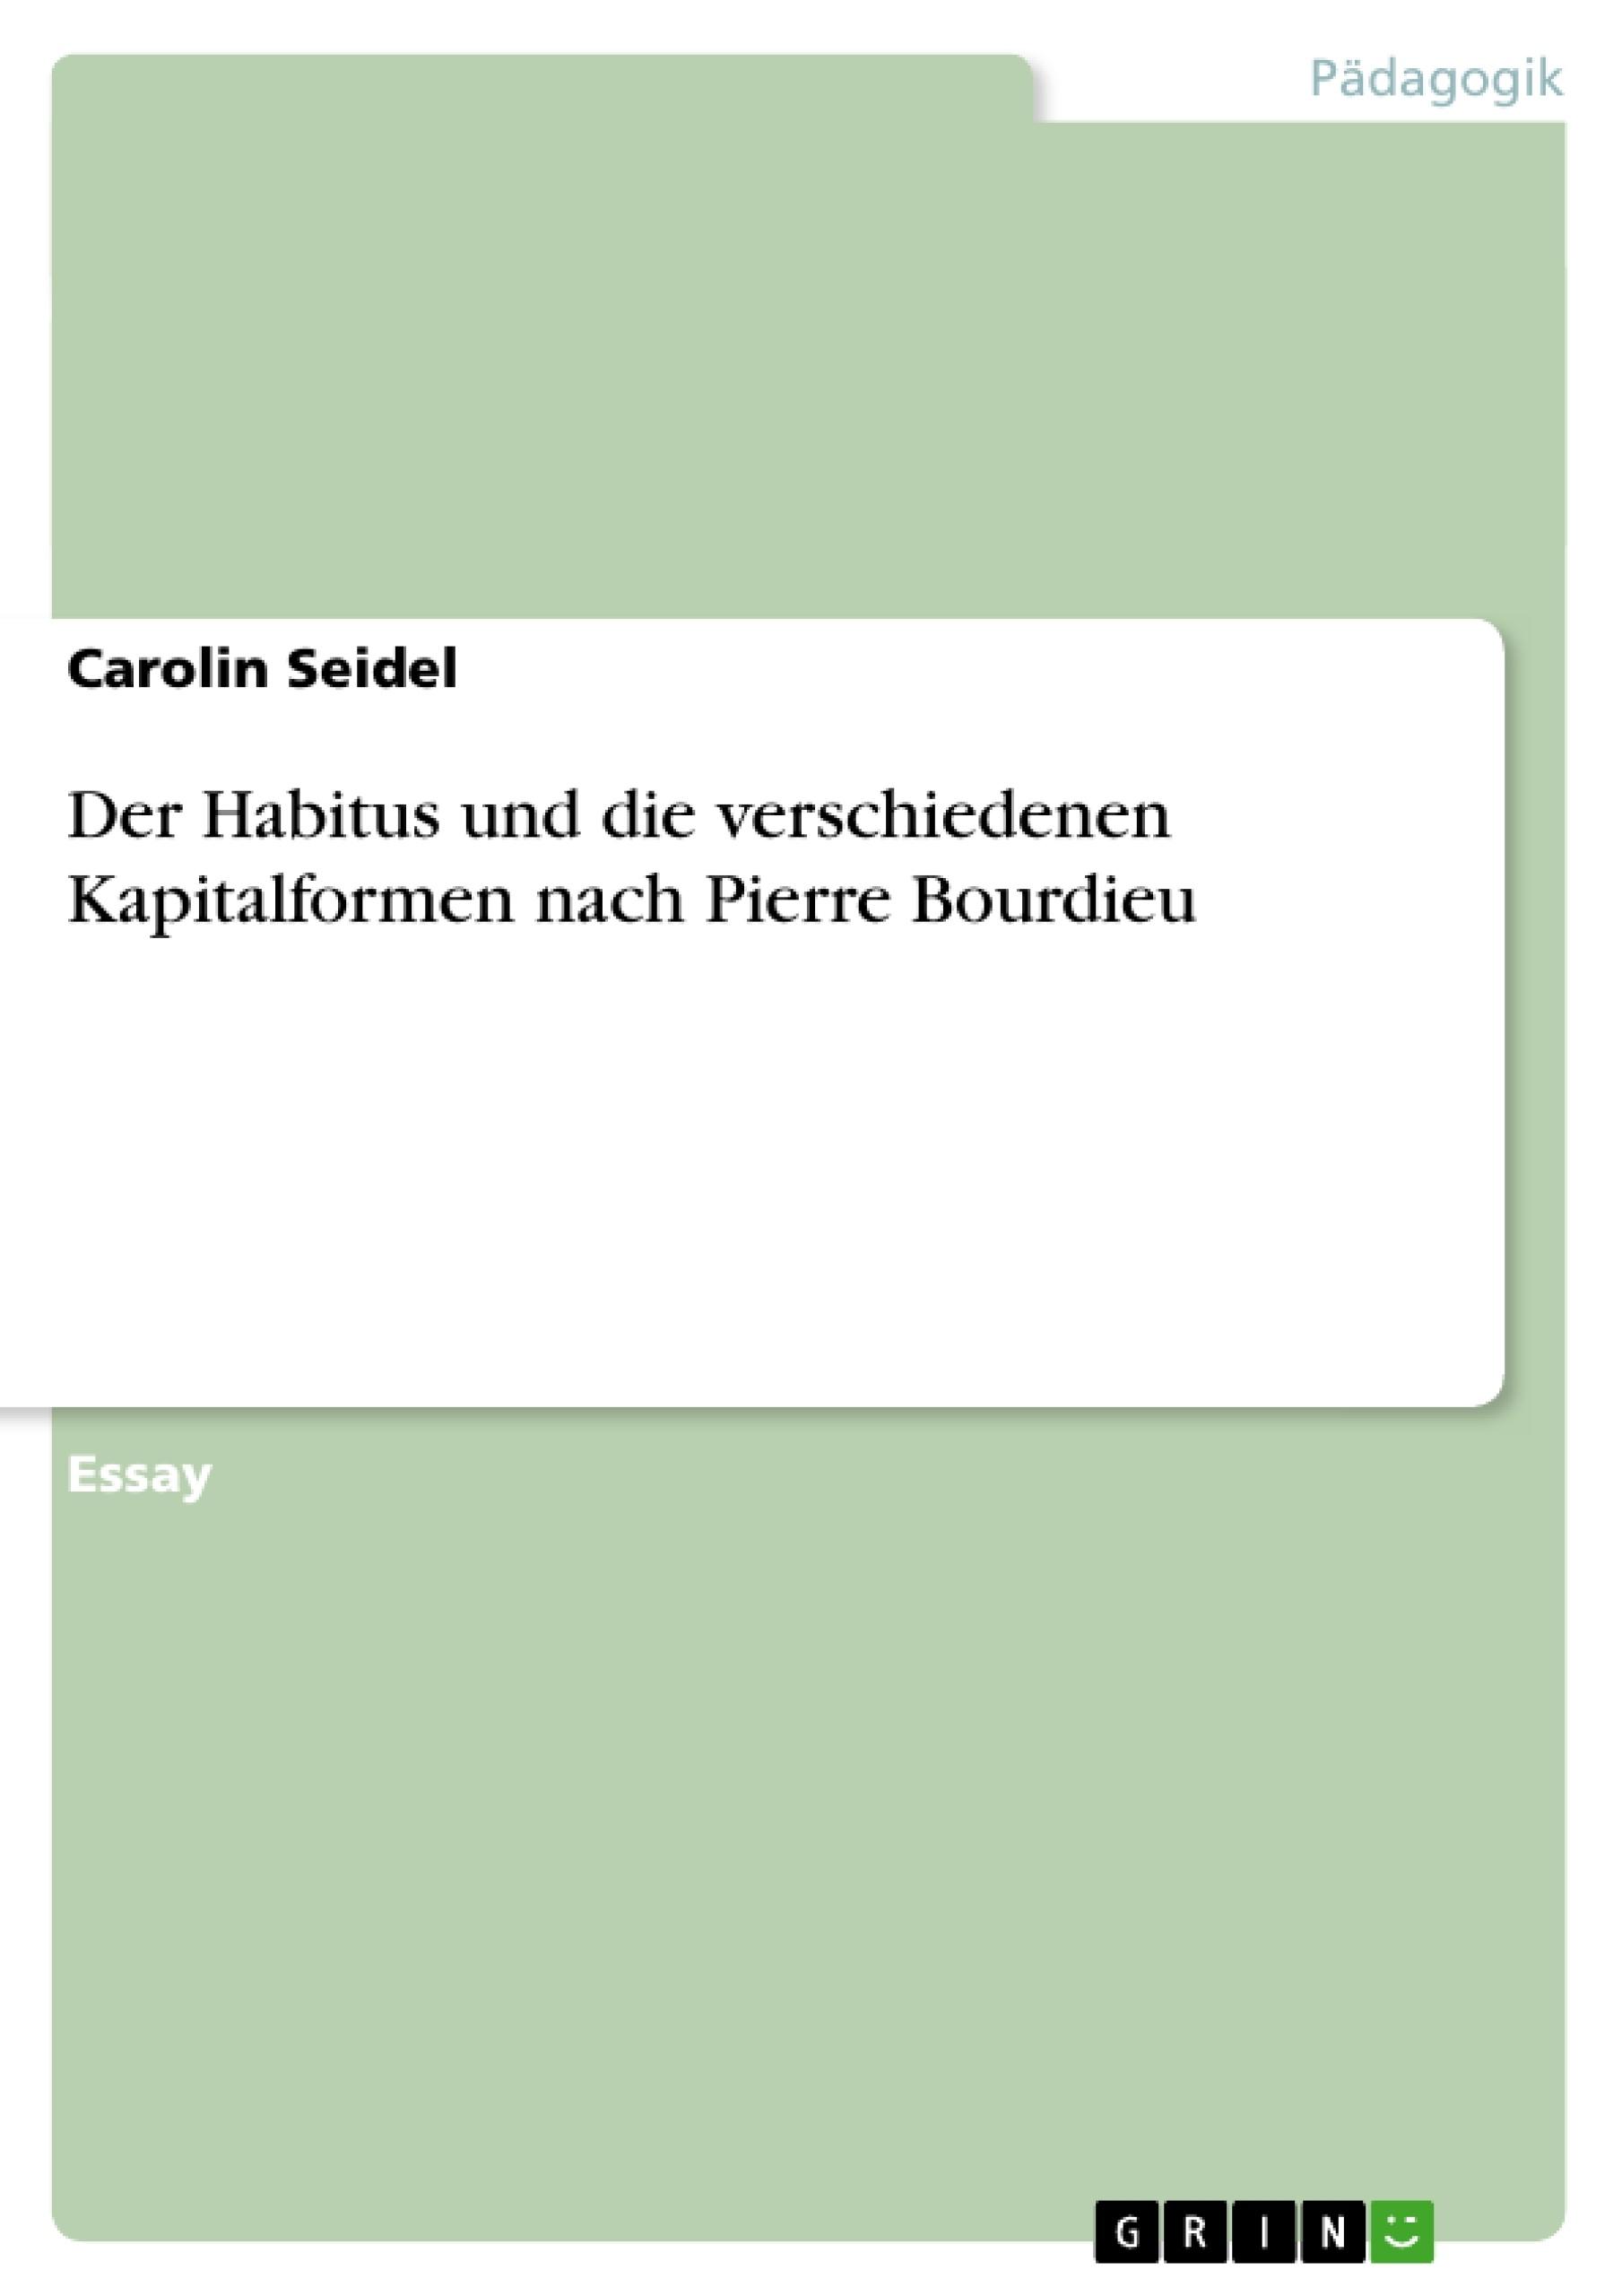 Titel: Der Habitus und die verschiedenen Kapitalformen nach Pierre Bourdieu